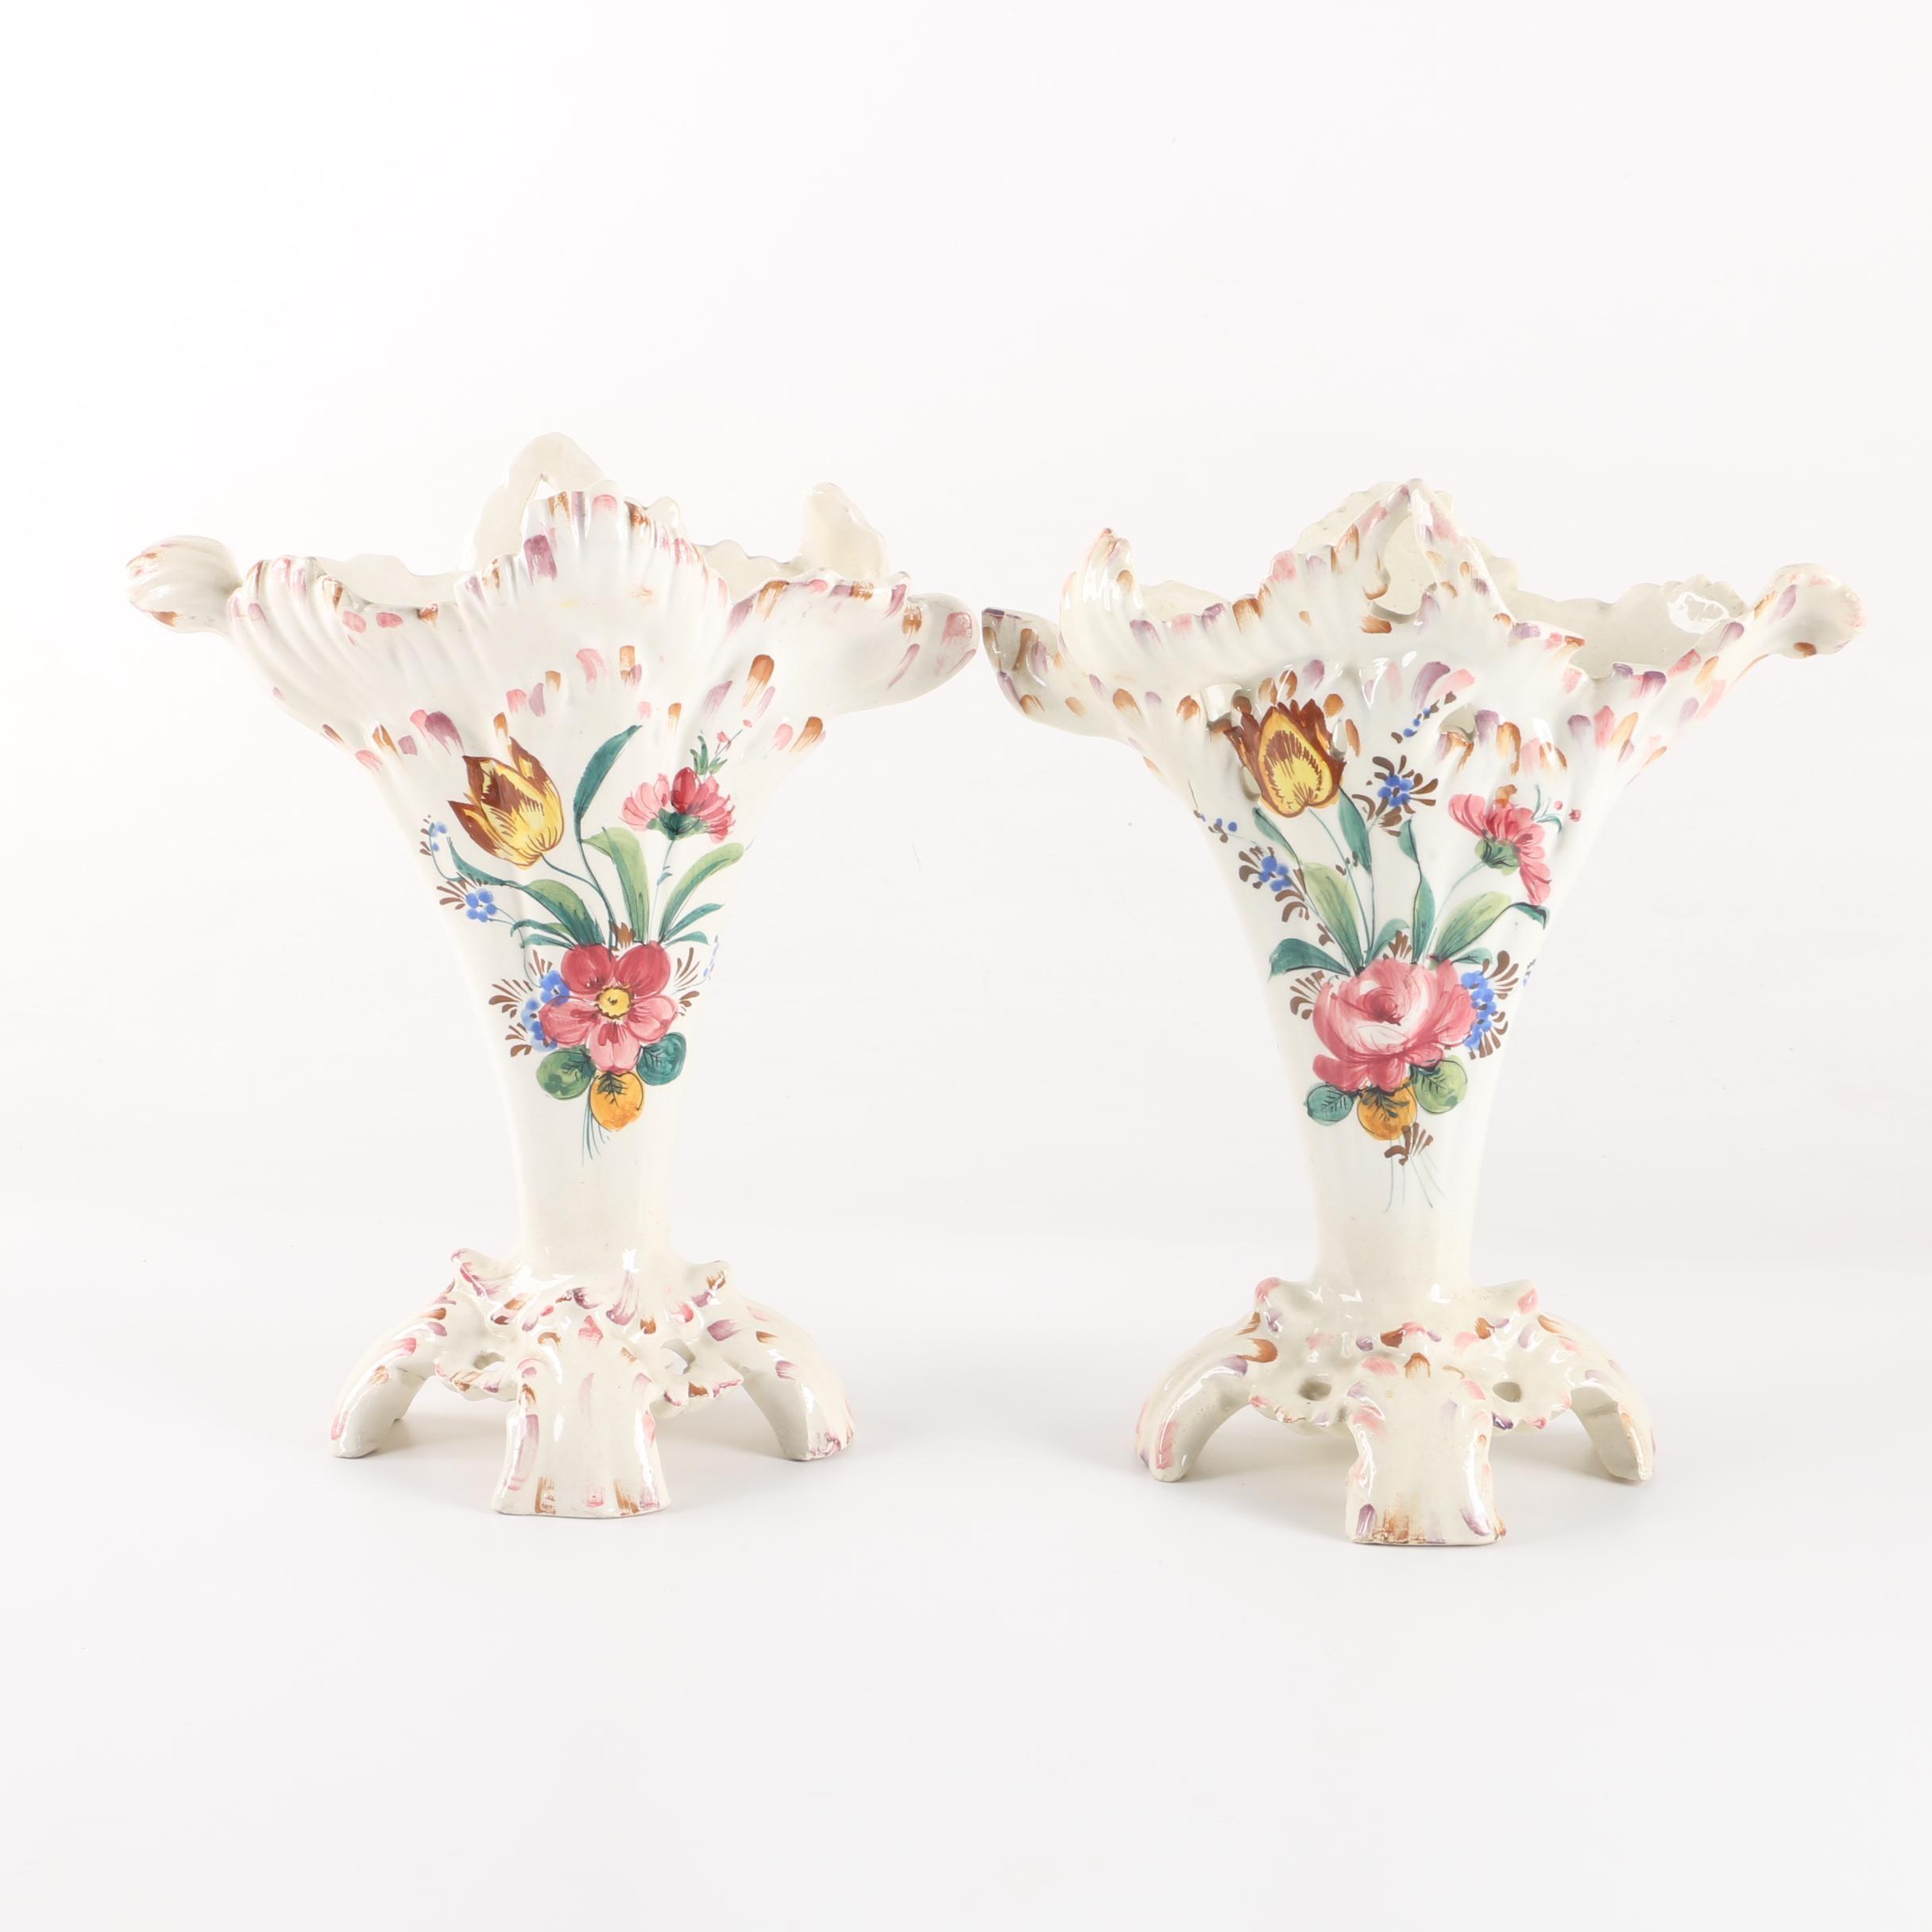 Italian Hand-Painted Reticulated Ceramic Vases